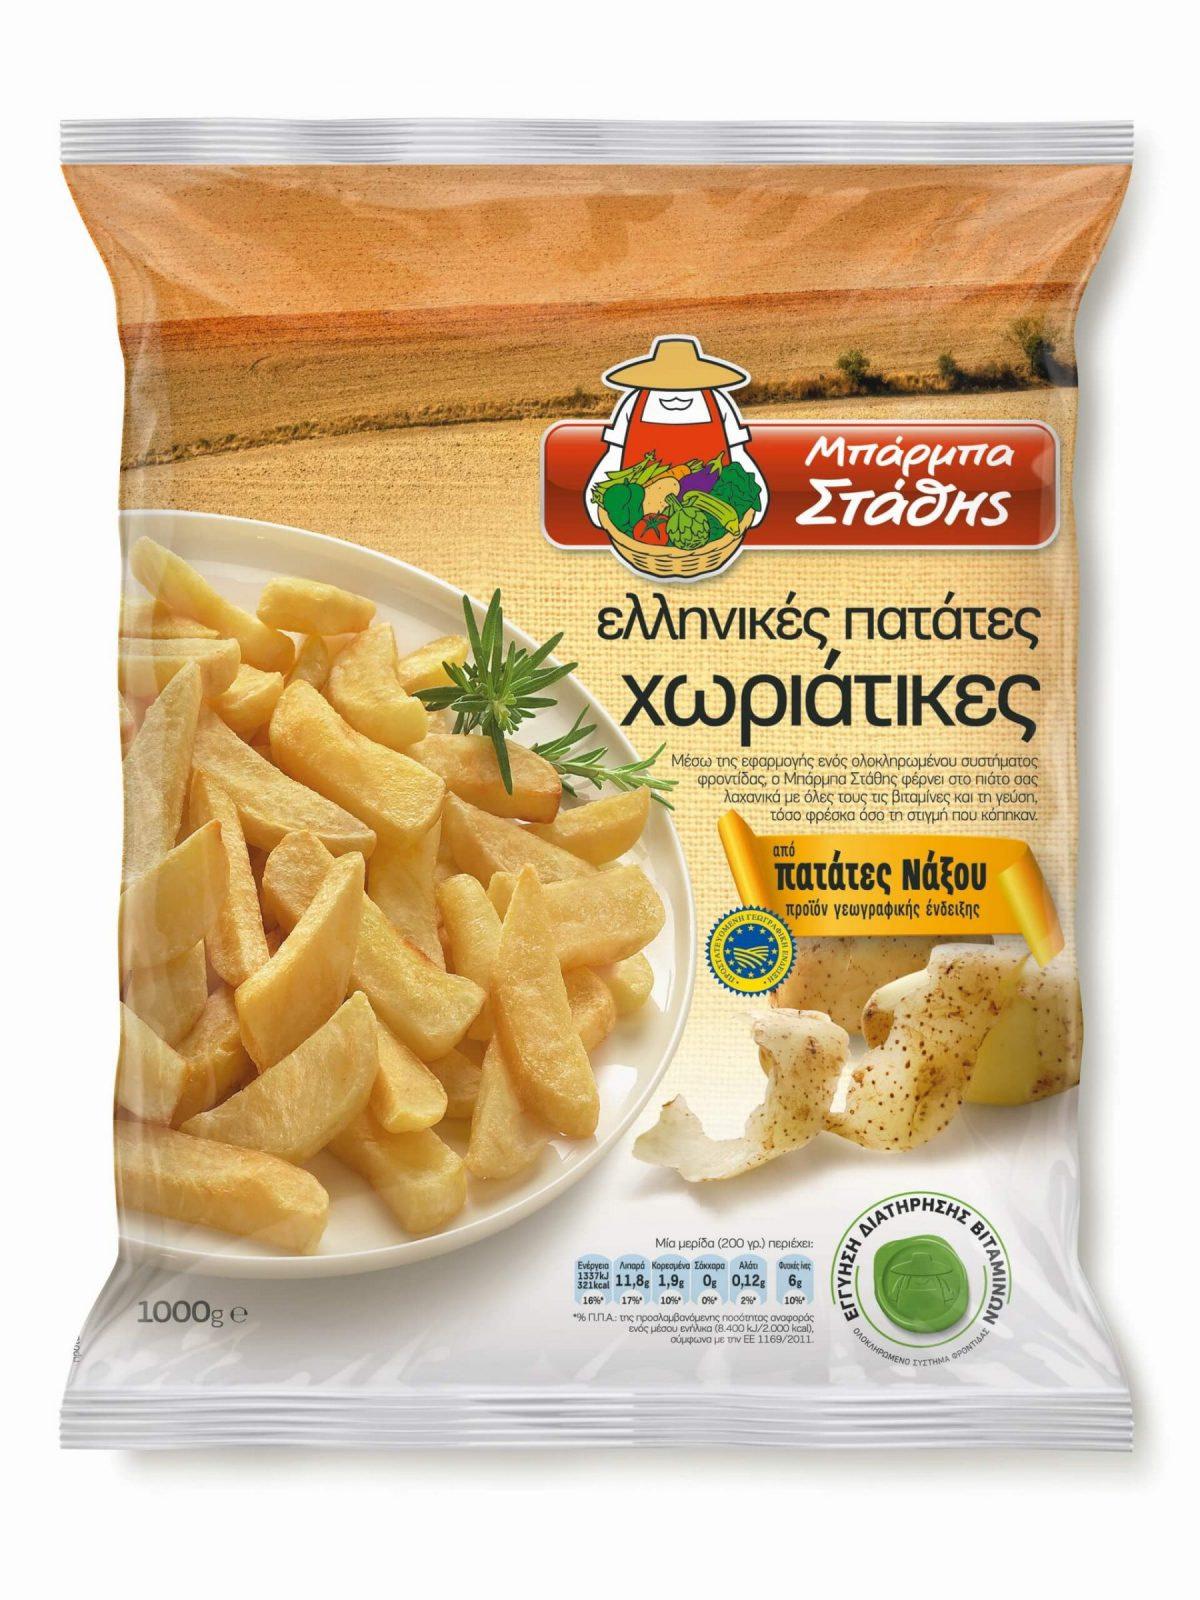 ellinikes patates xoriatikes 1000g scaled